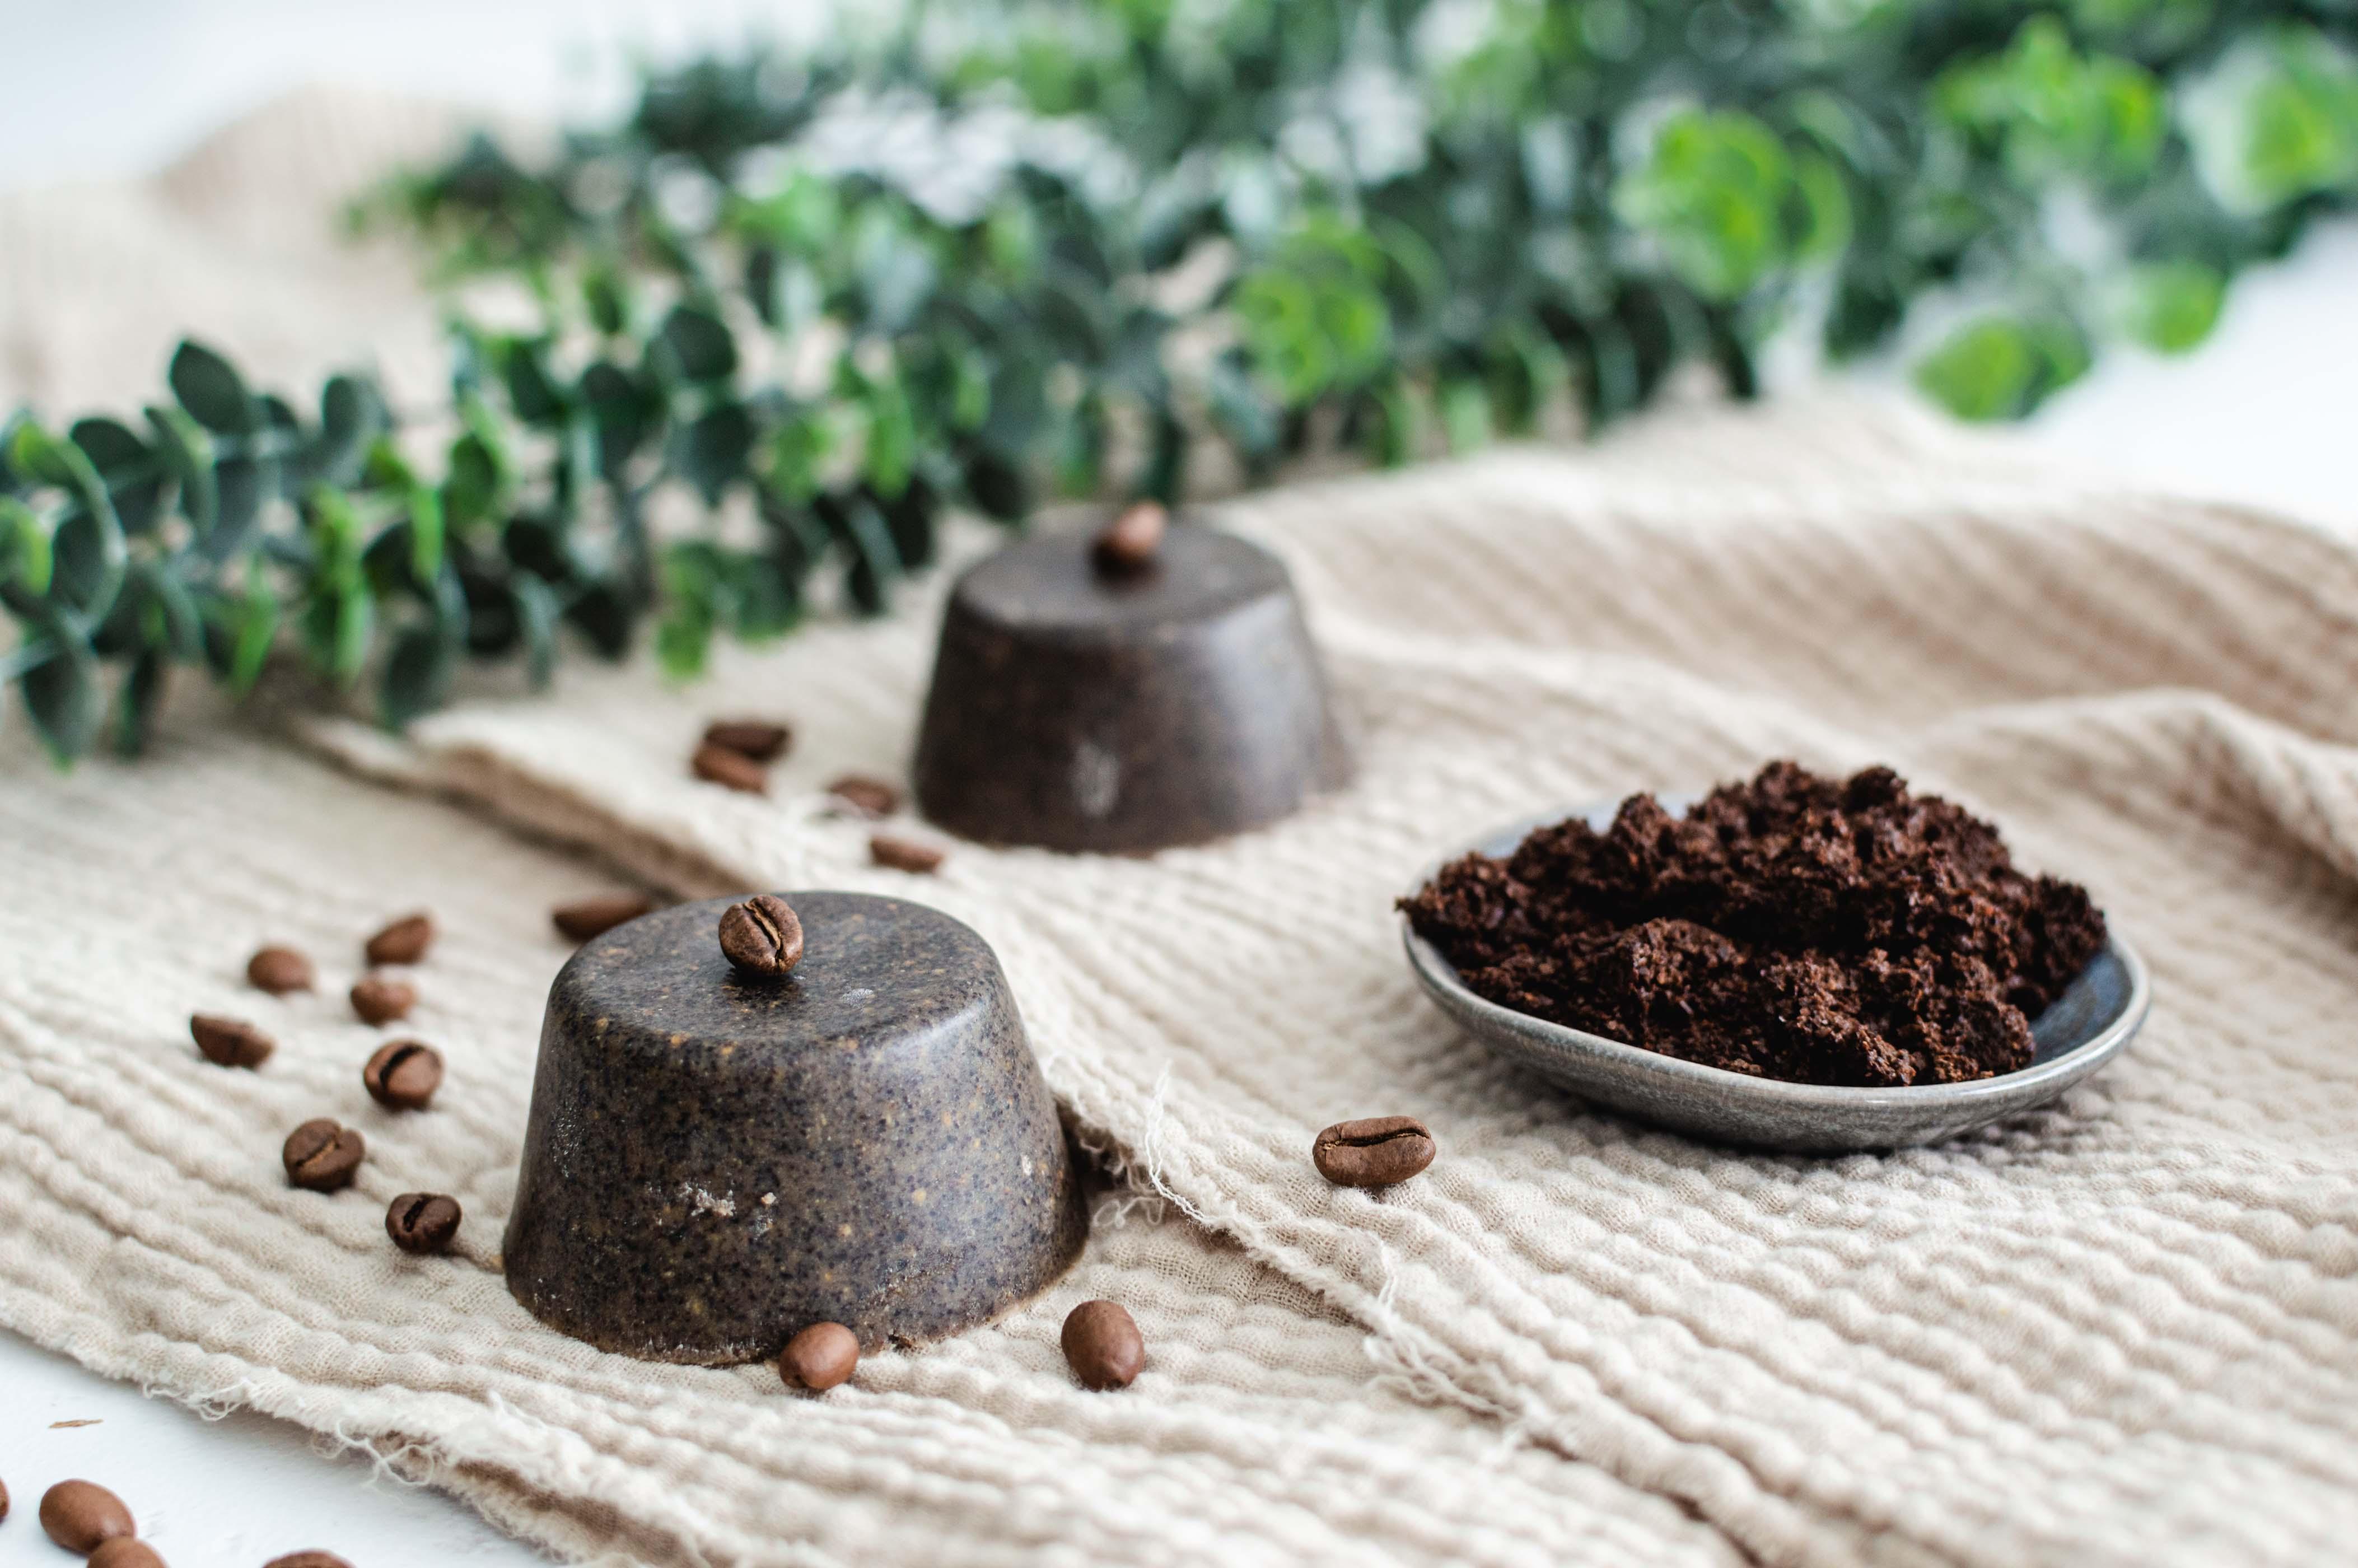 Gommage-solide-marc-cafe-zéro déchet